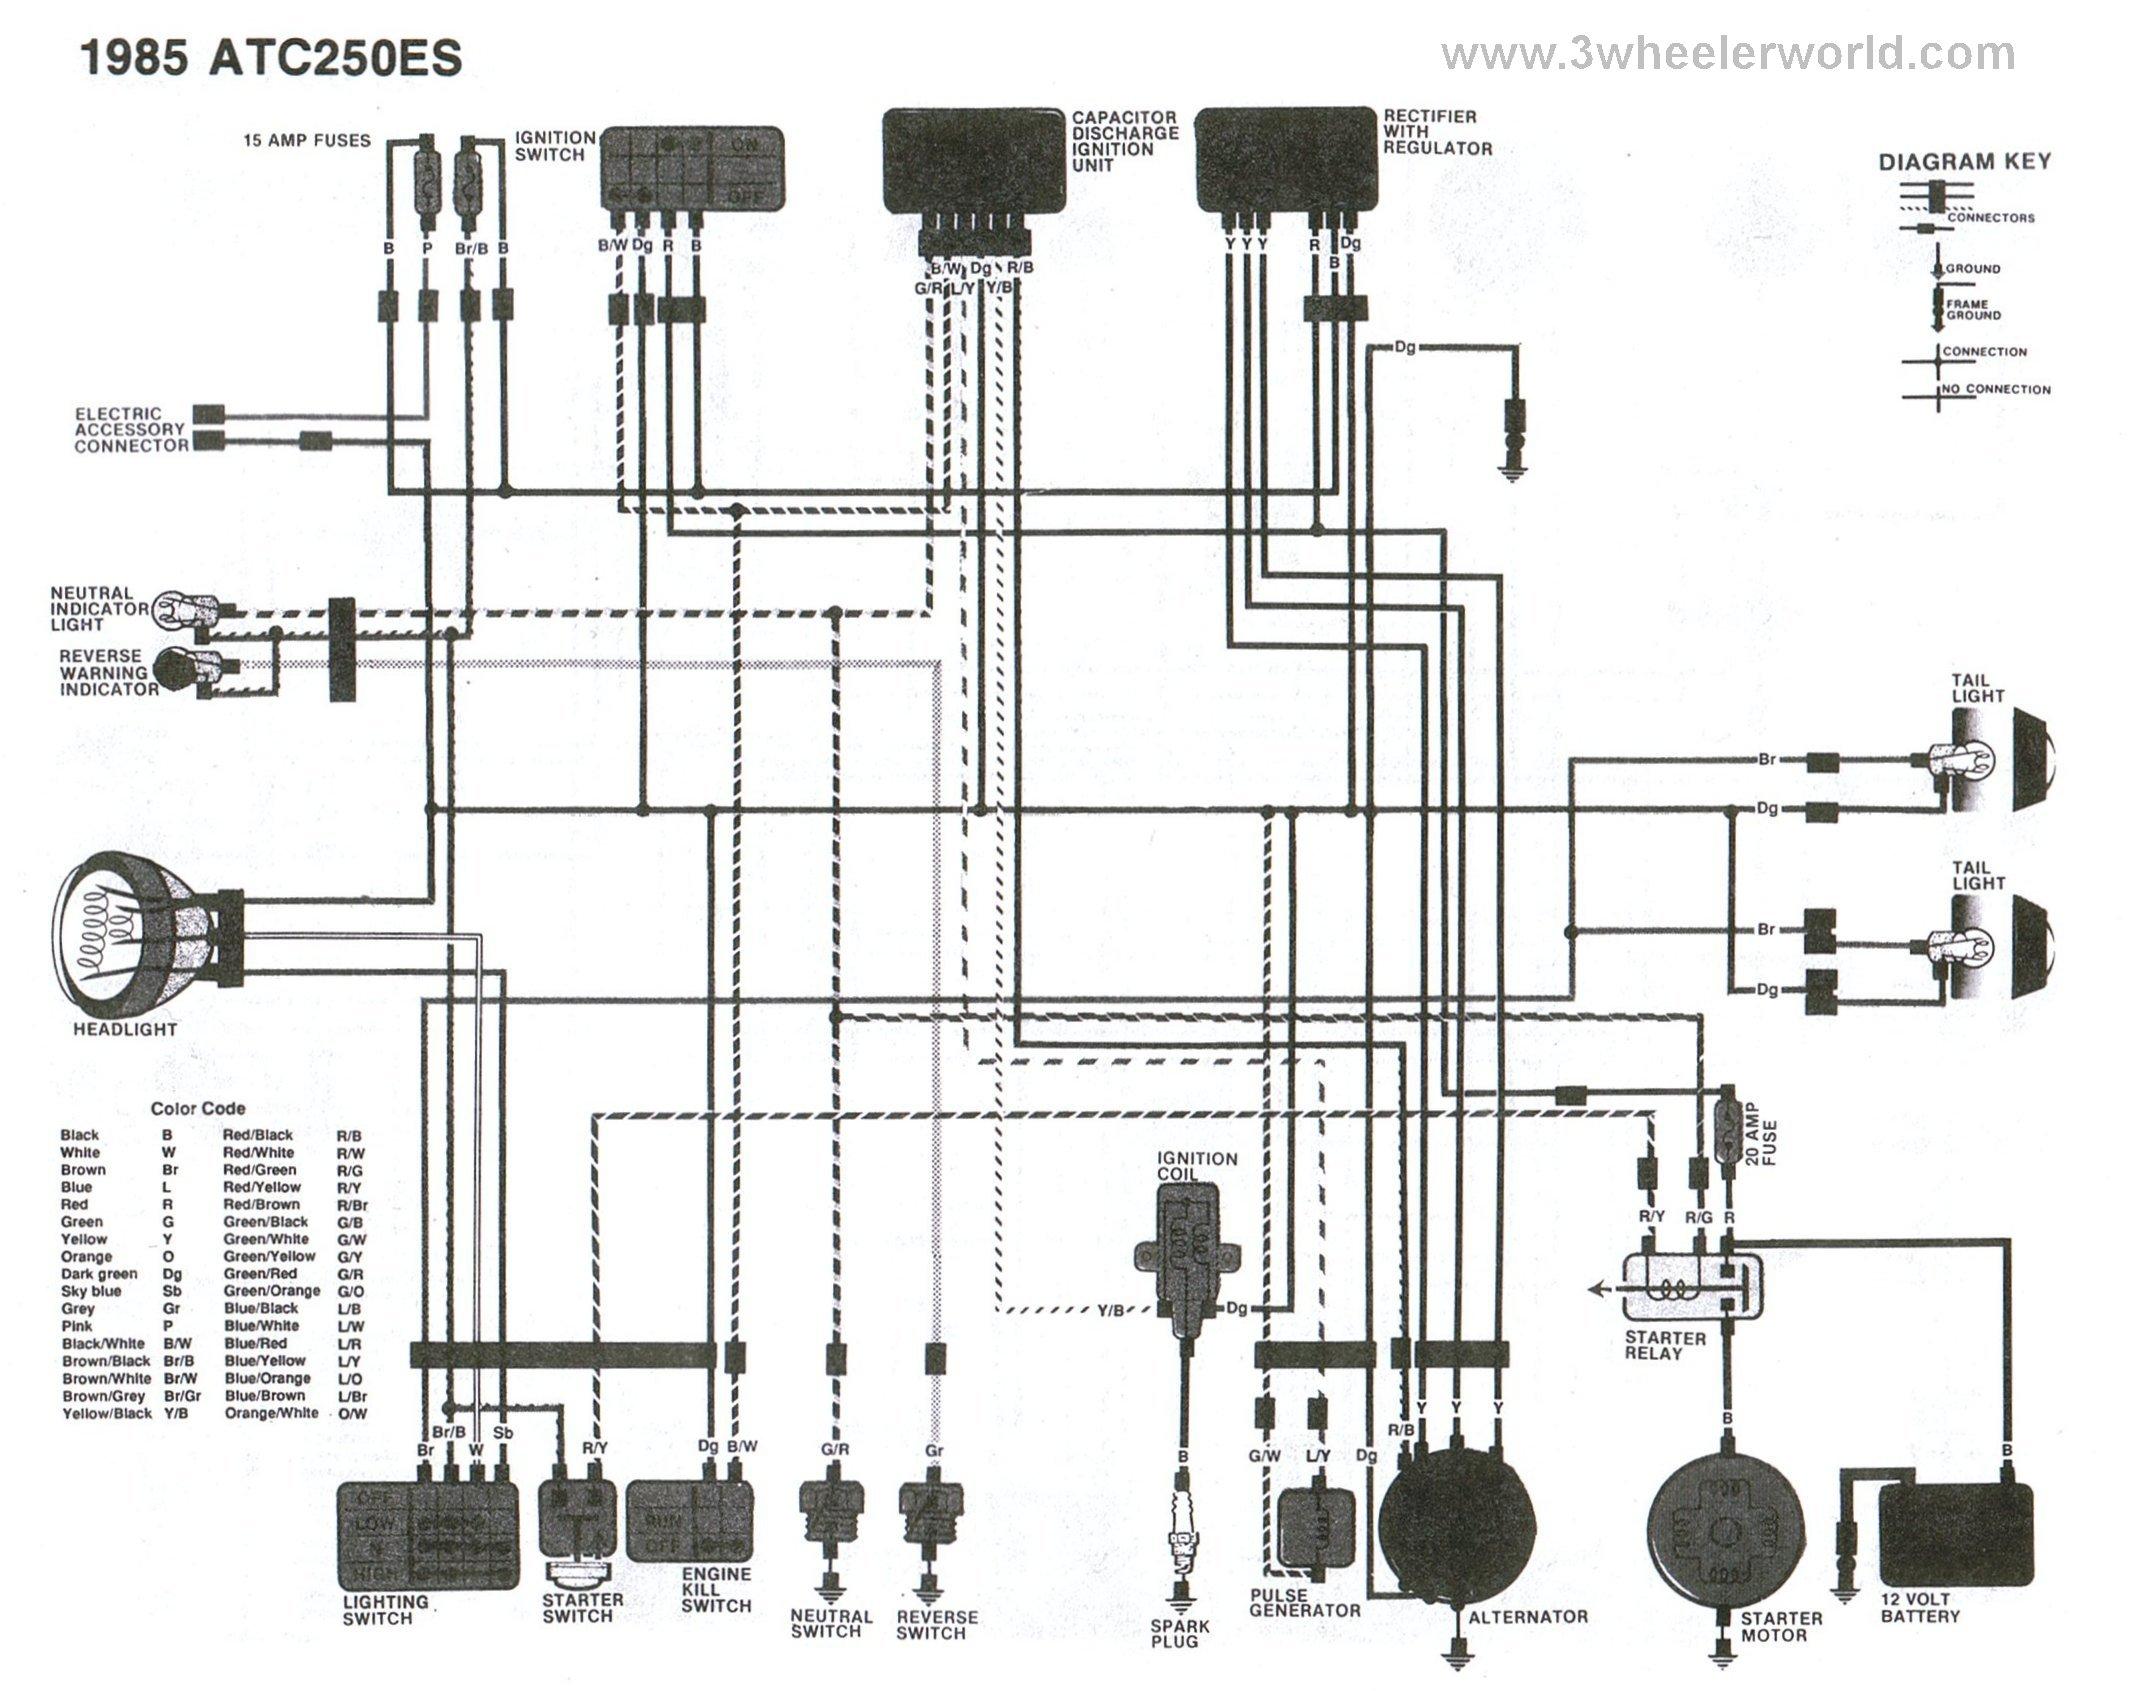 392a4 trx450es wiring diagram digital resources gl1500 wiring diagram trx450es wiring diagram #2